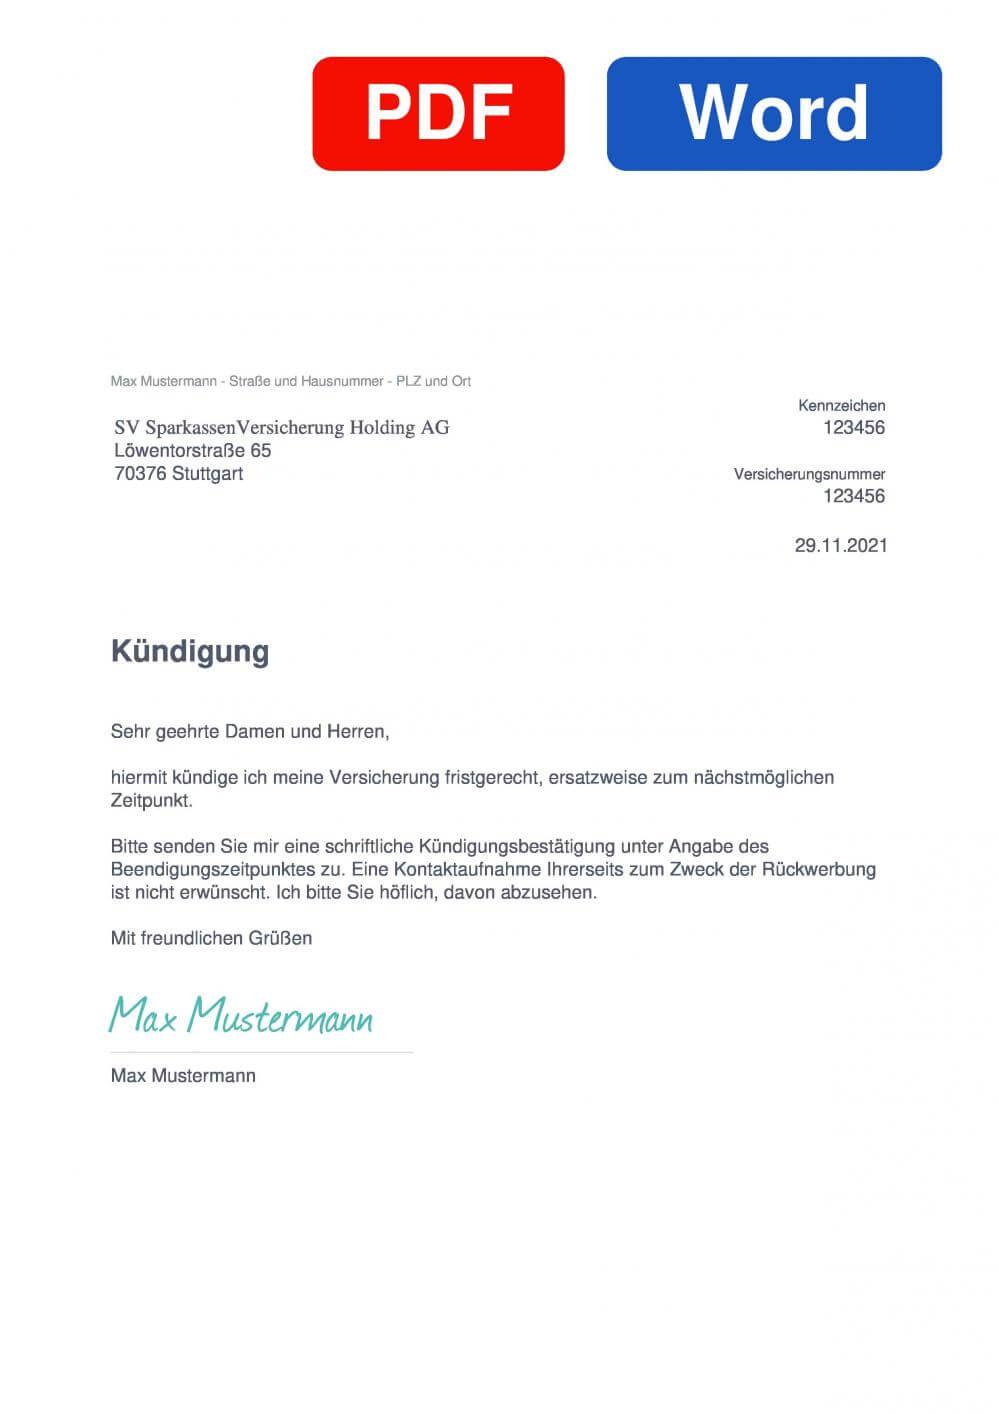 SV Sparkassen KFZ-Versicherung Muster Vorlage für Kündigungsschreiben